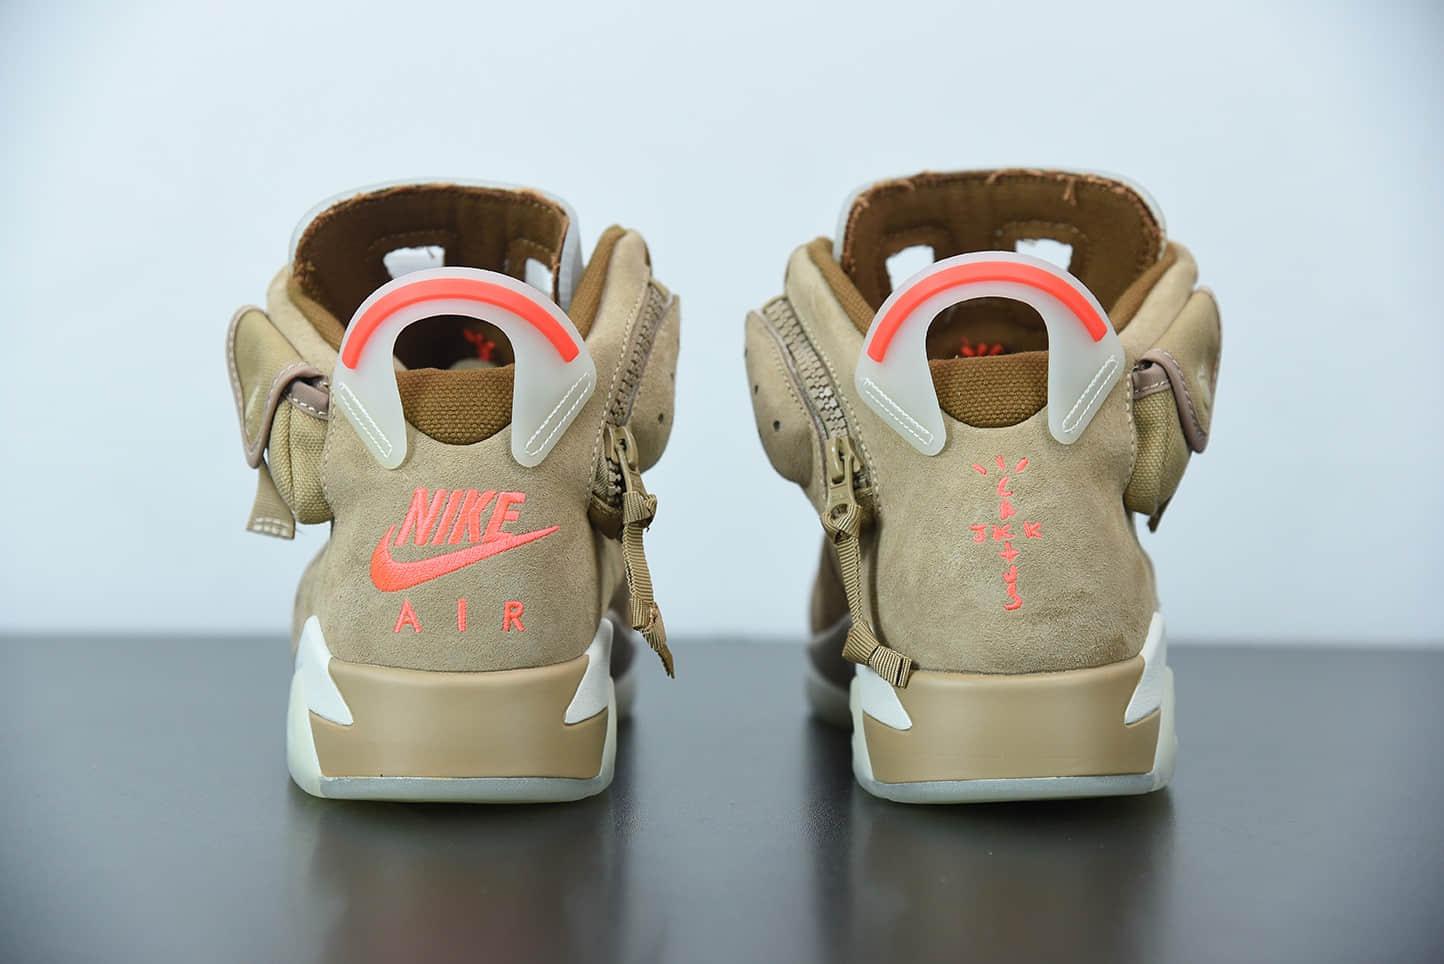 乔丹Travis Scott Air Jordan 6  British Khaki  小麦色口袋TS联名款高帮篮球鞋纯原版本 货号:DH0690-200